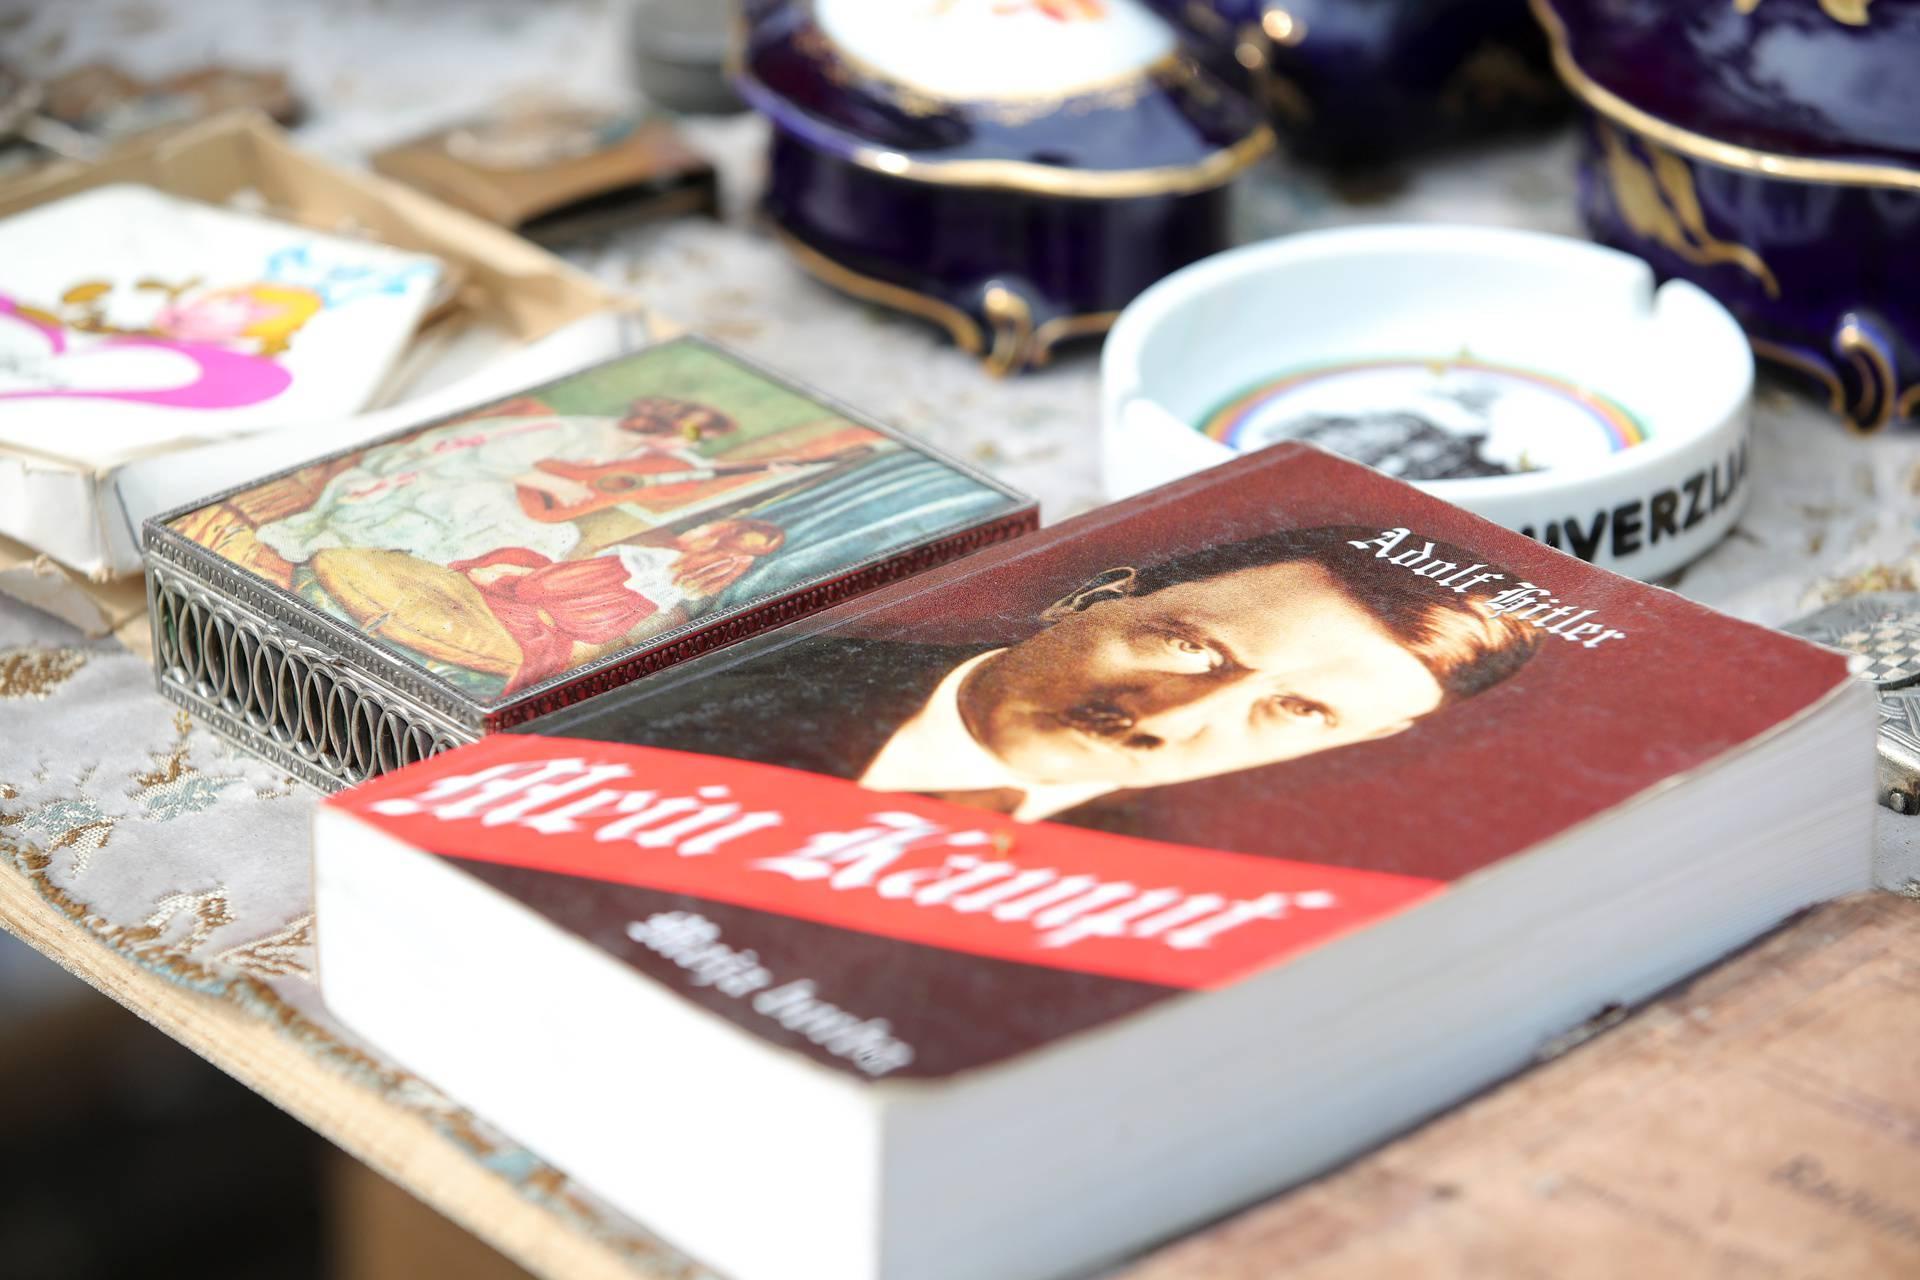 Na zagrebačkom Britancu osjeti se duh prošlosti u antikvitetima